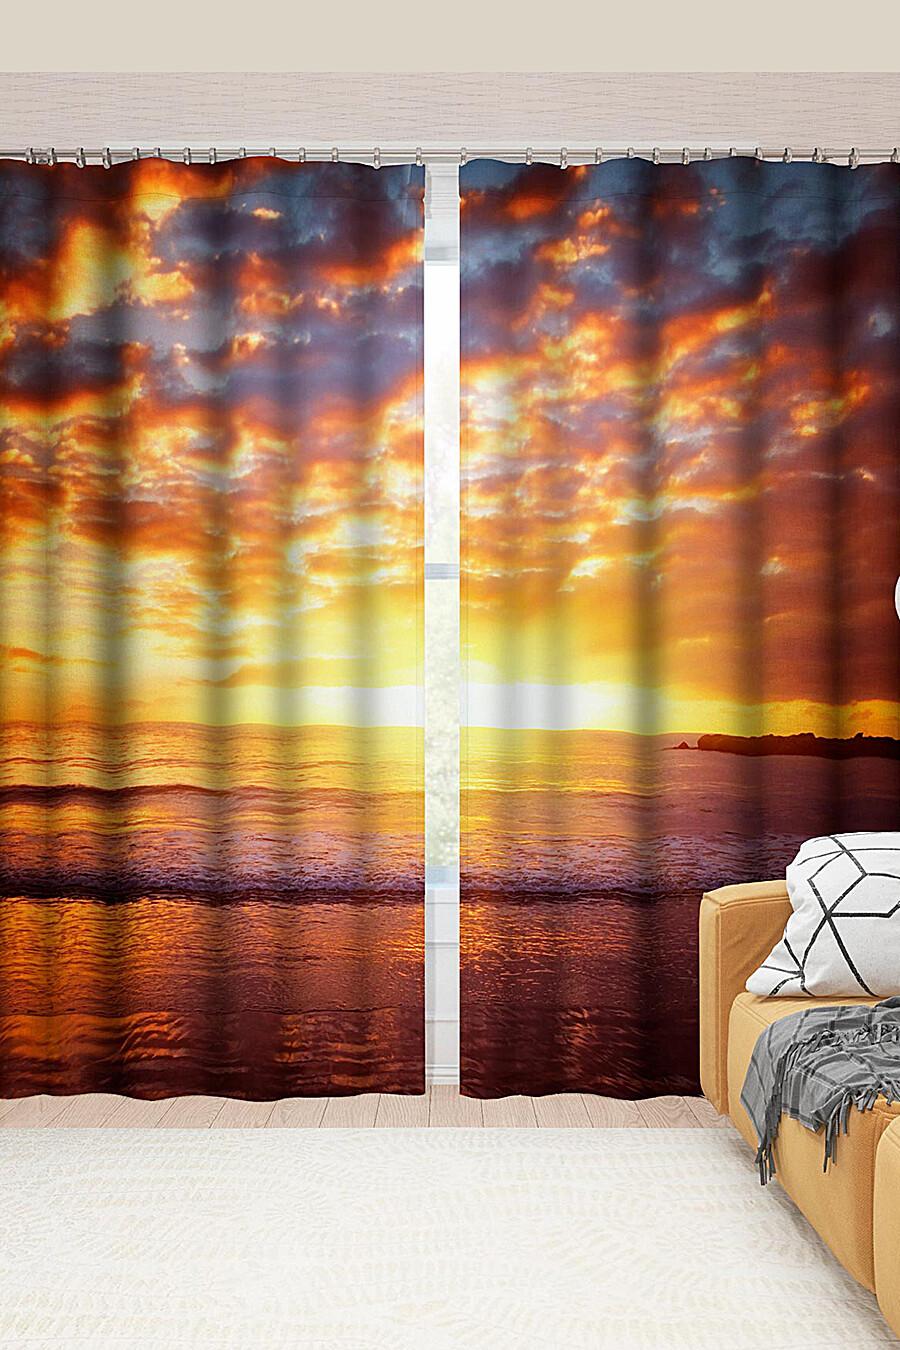 Фотошторы для дома ART HOME TEXTILE 123512 купить оптом от производителя. Совместная покупка товаров для дома в OptMoyo